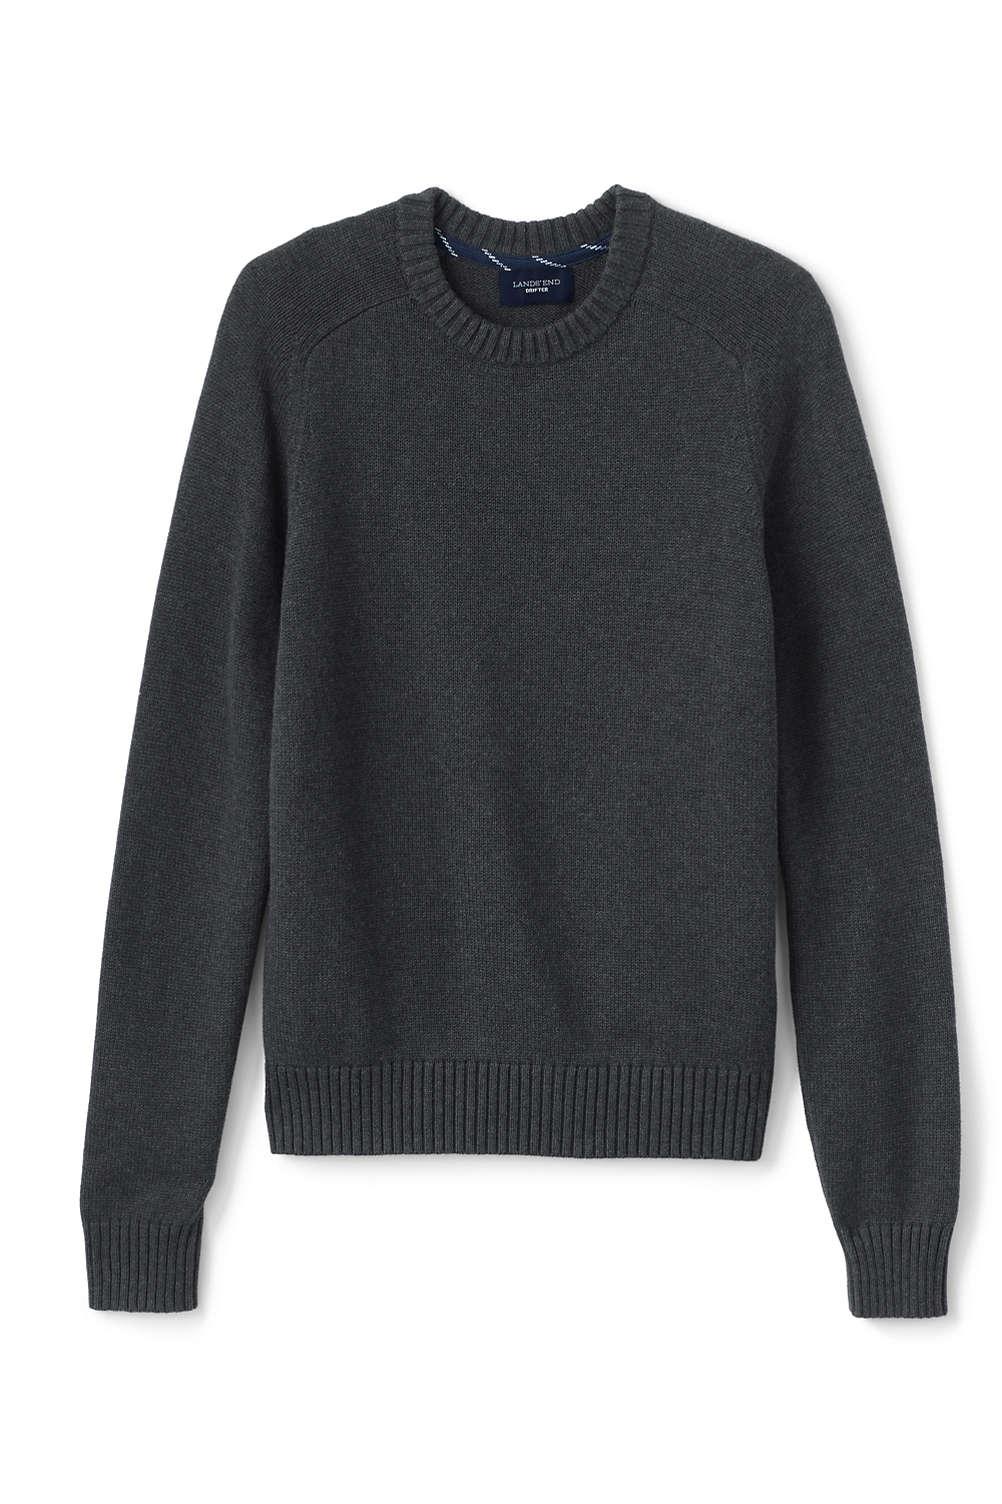 Men s Drifter Cotton Crew Sweater from Lands  End 59e9a56f3